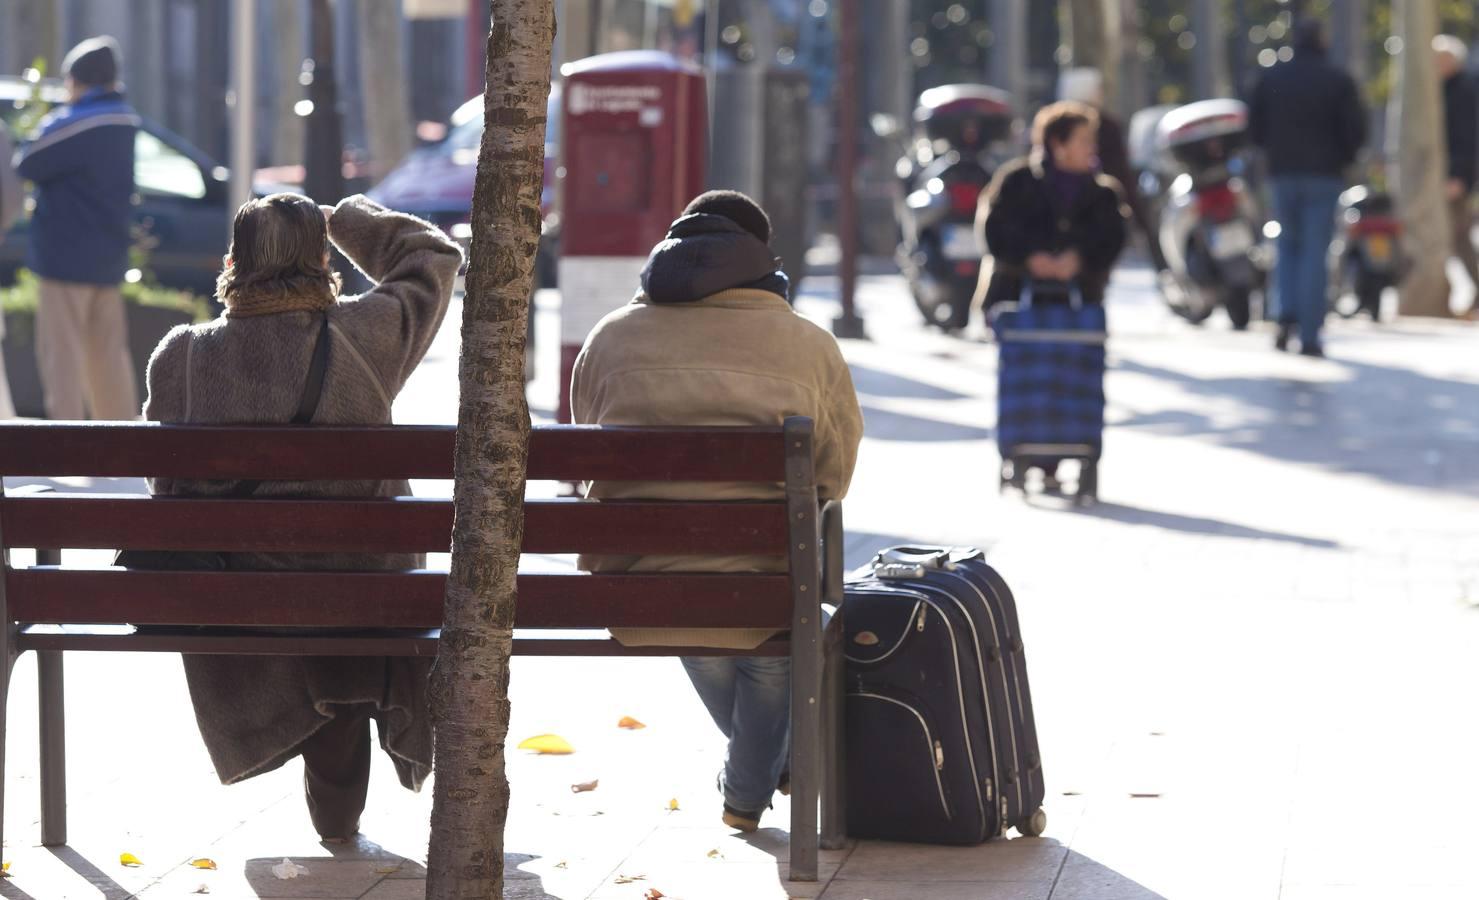 255 bancos nuevos para Logroño